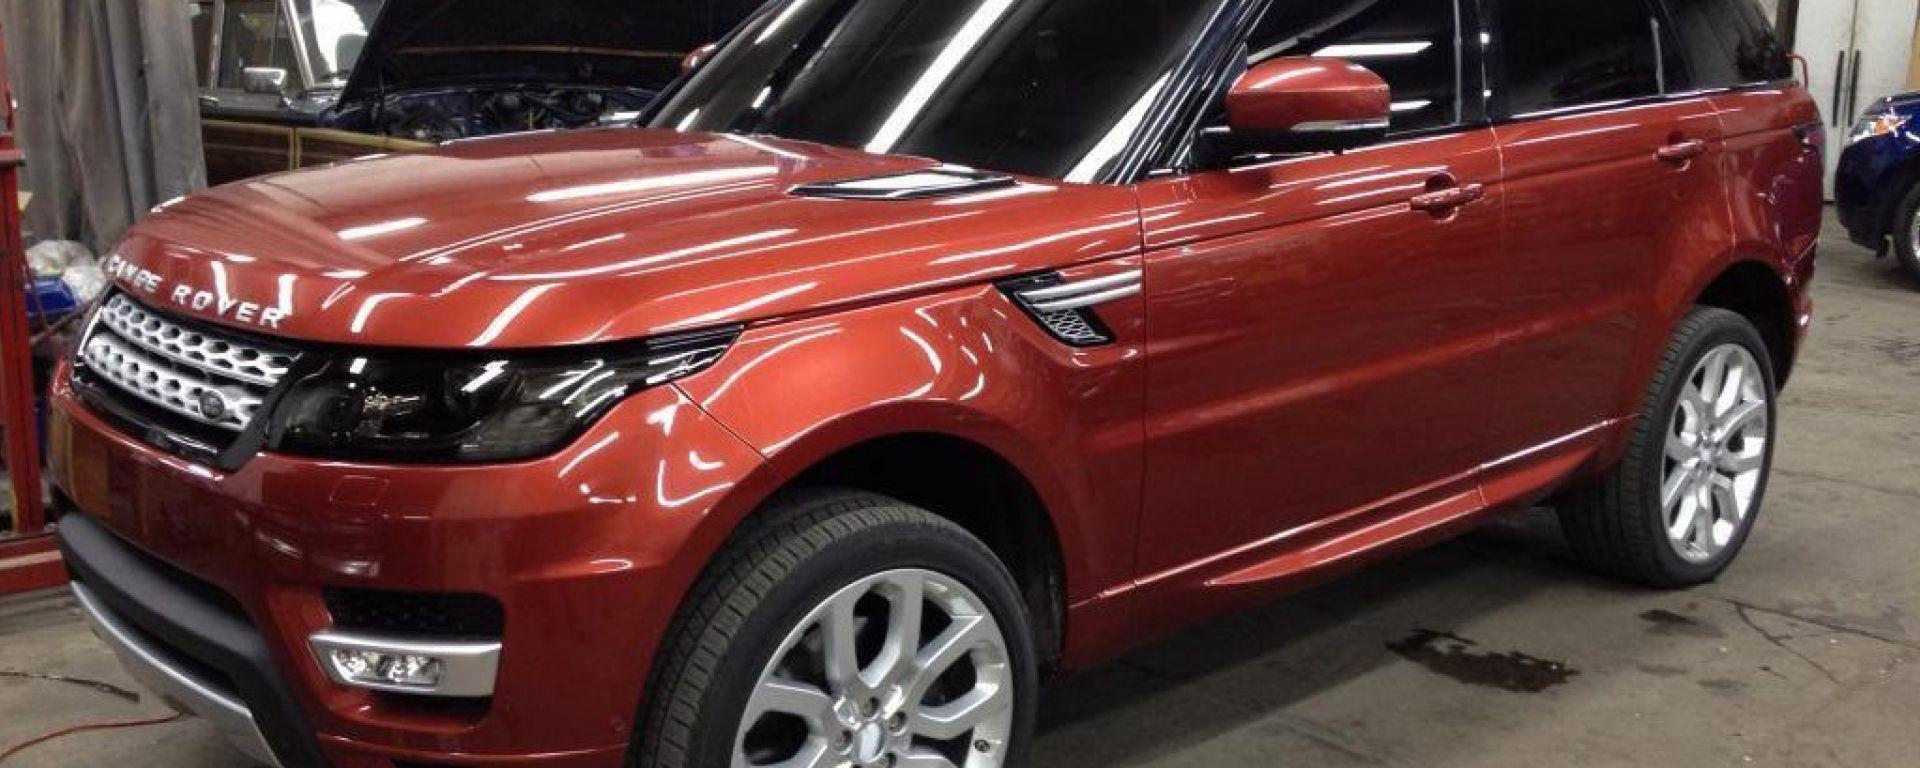 Range Rover Sport 2014 a nudo